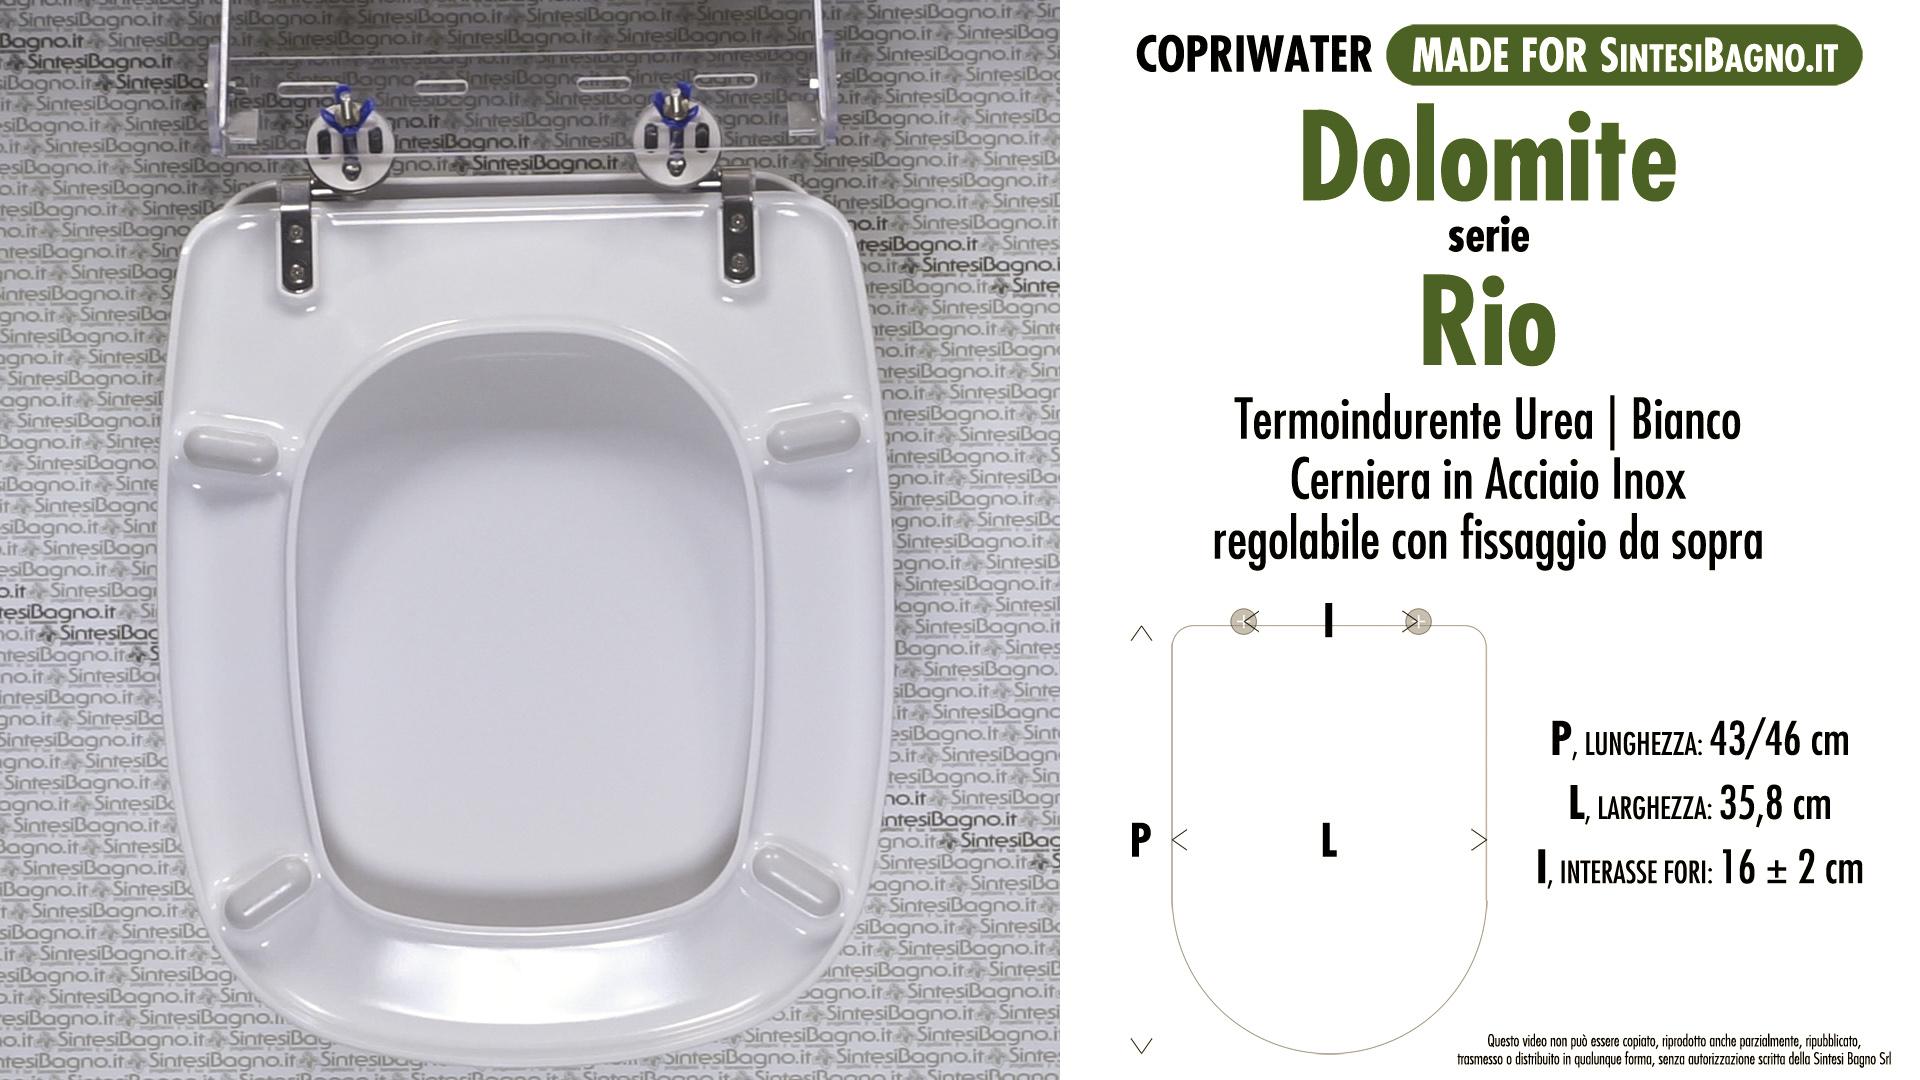 SCHEDA TECNICA MISURE copriwater DOLOMITE RIO